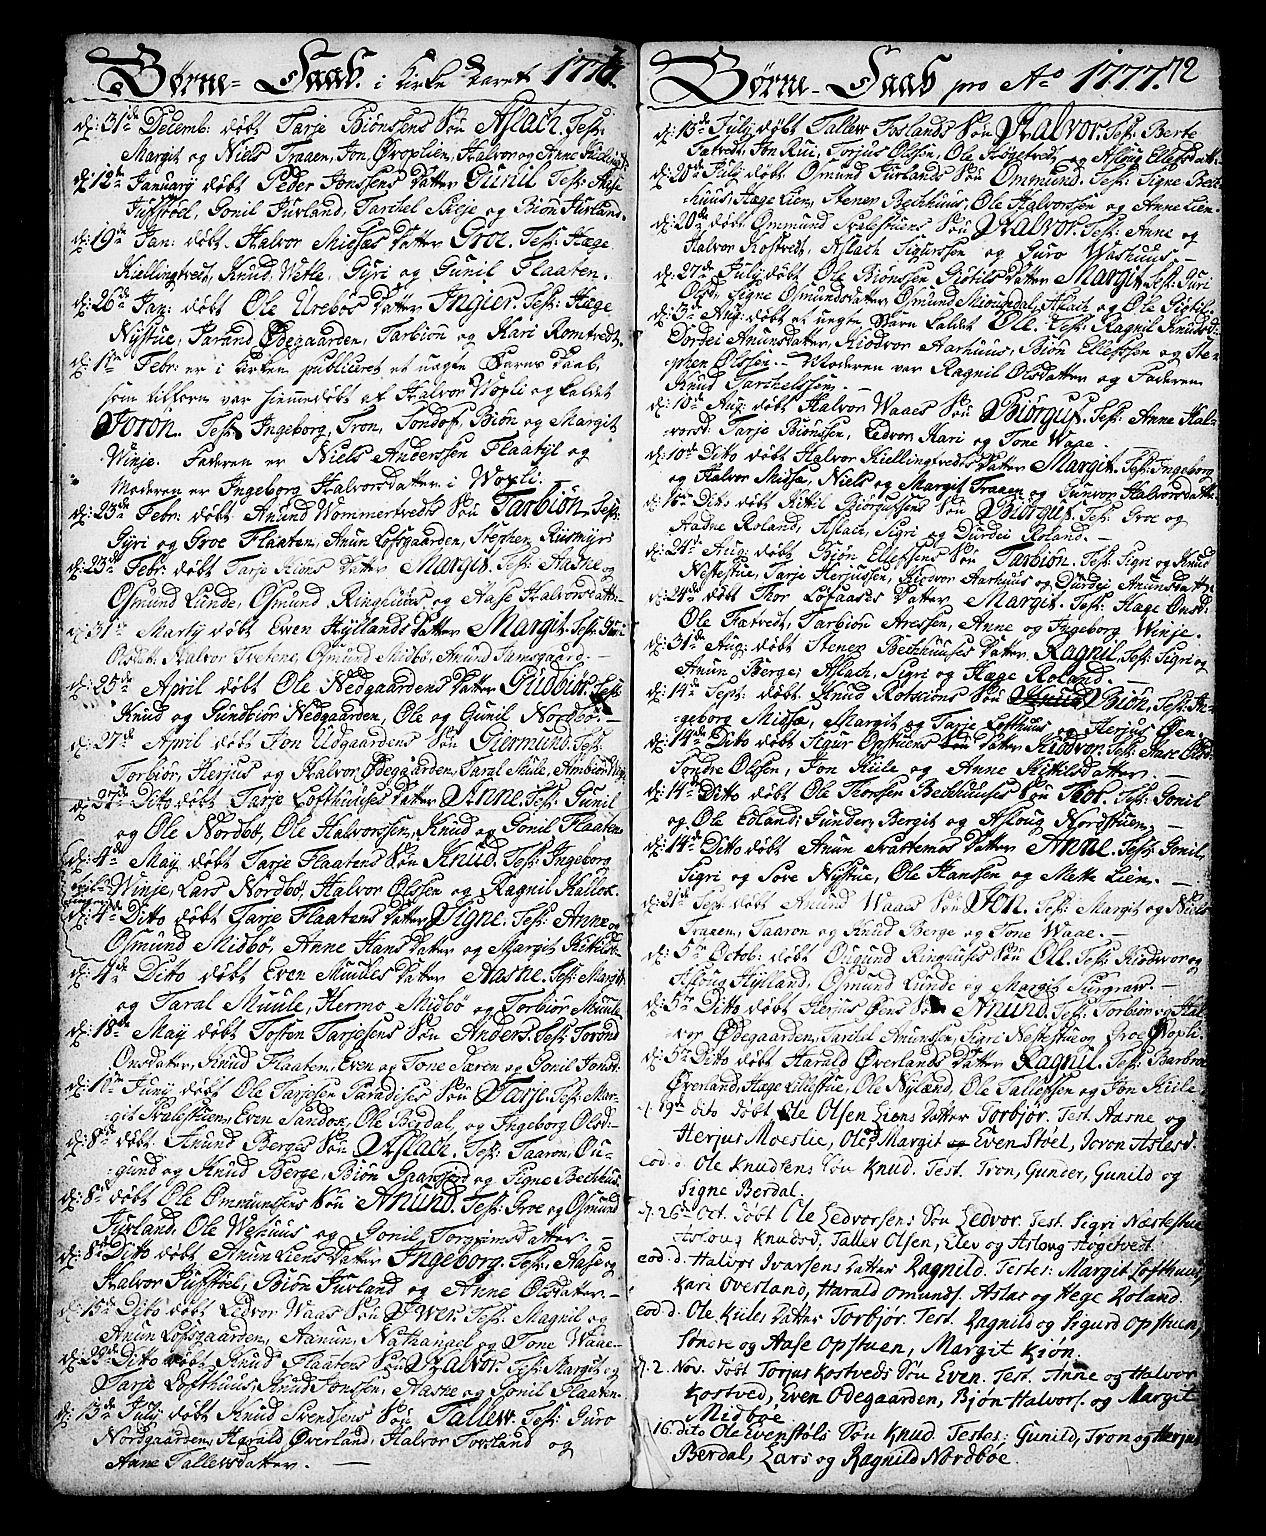 SAKO, Vinje kirkebøker, F/Fa/L0002: Ministerialbok nr. I 2, 1767-1814, s. 72